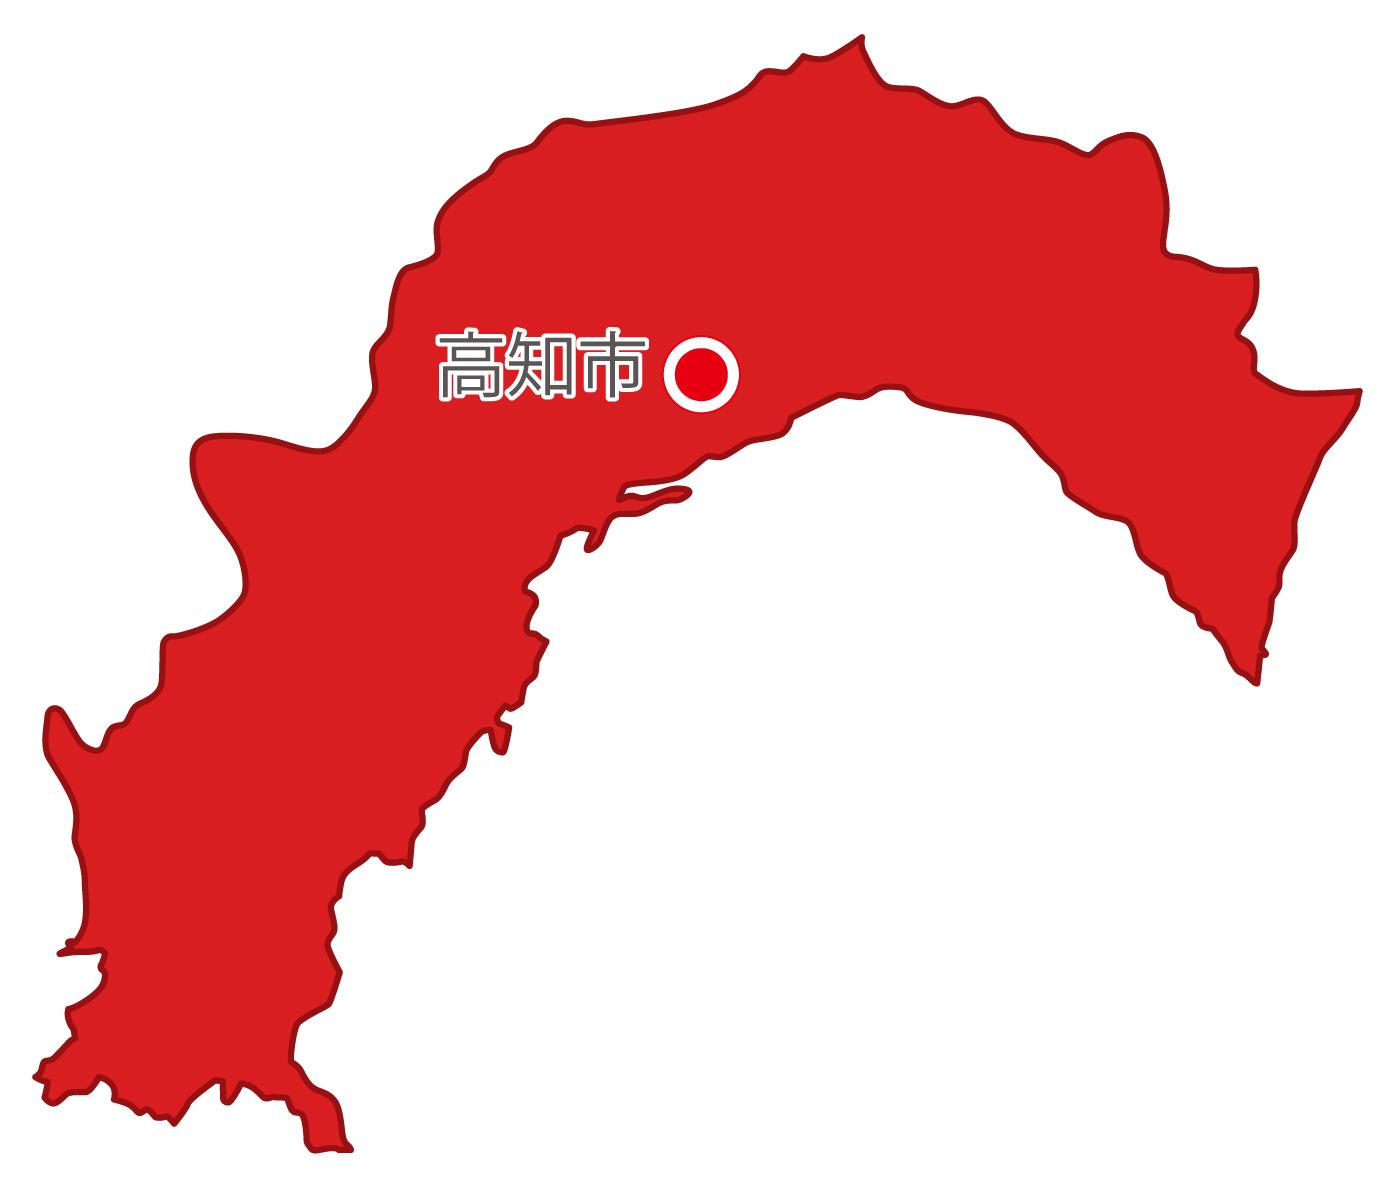 高知県無料フリーイラスト|日本語・県庁所在地あり(赤)